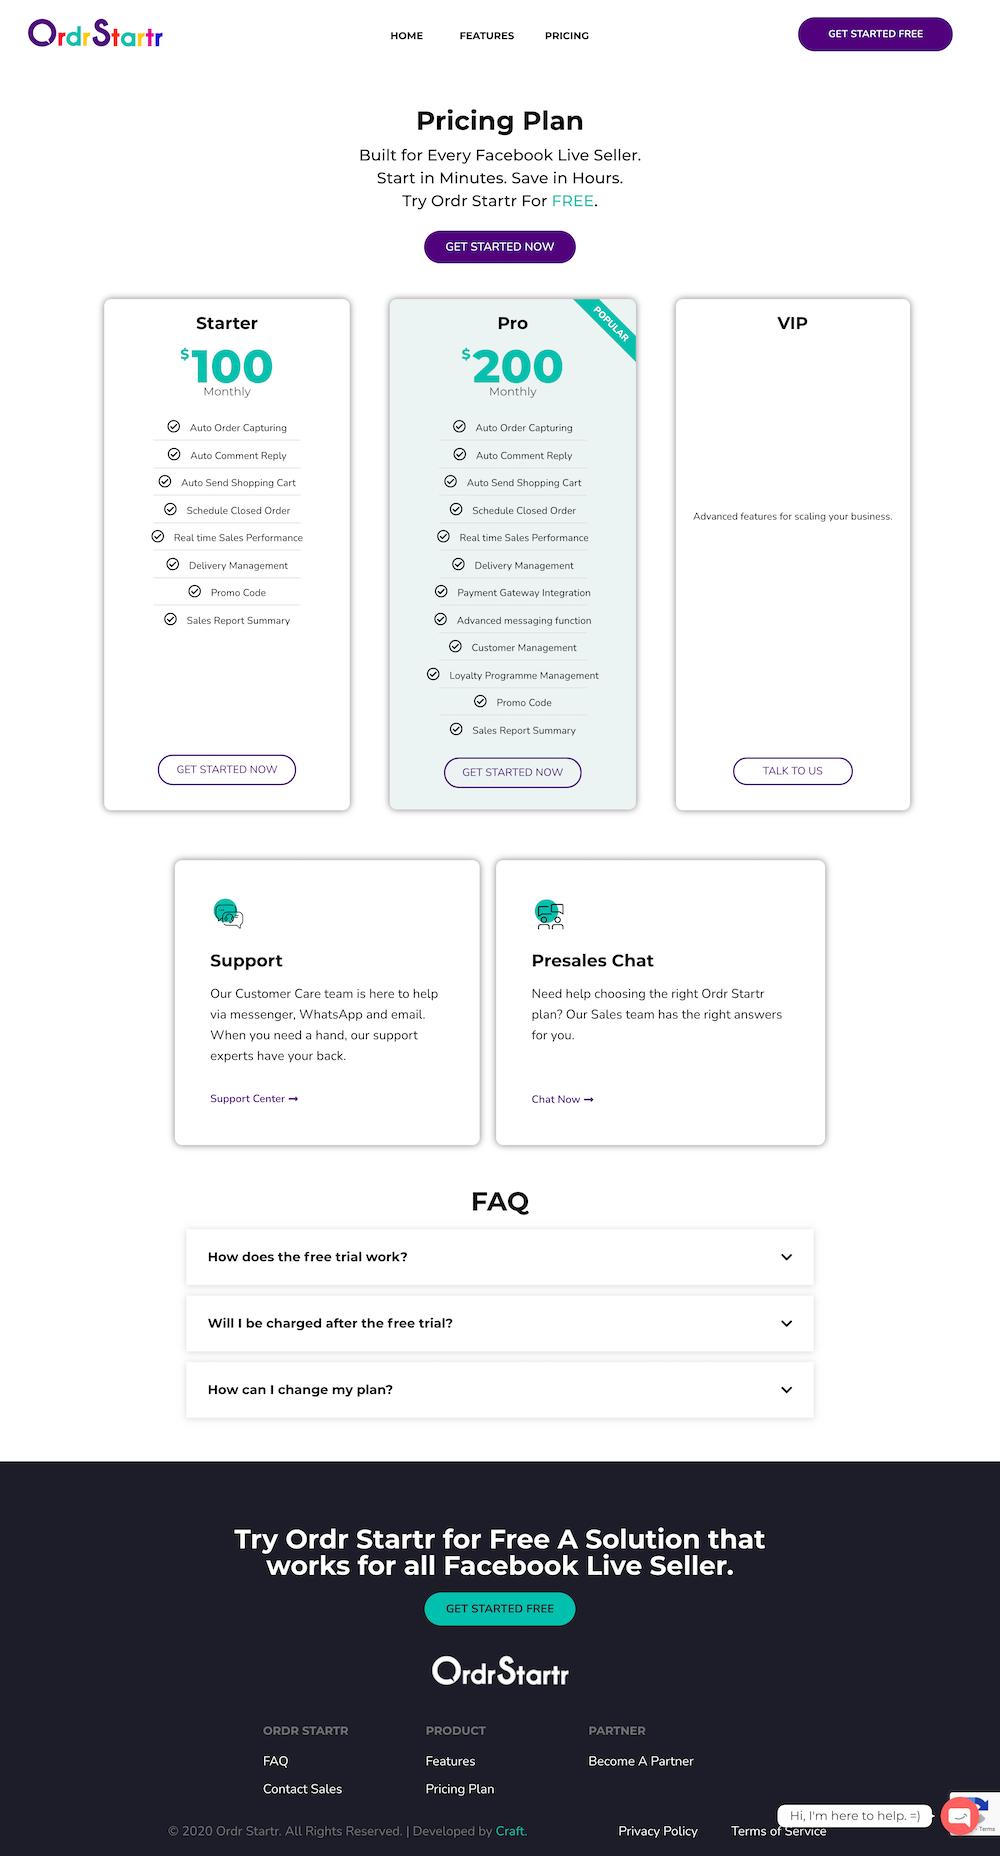 Ordr Startr Website